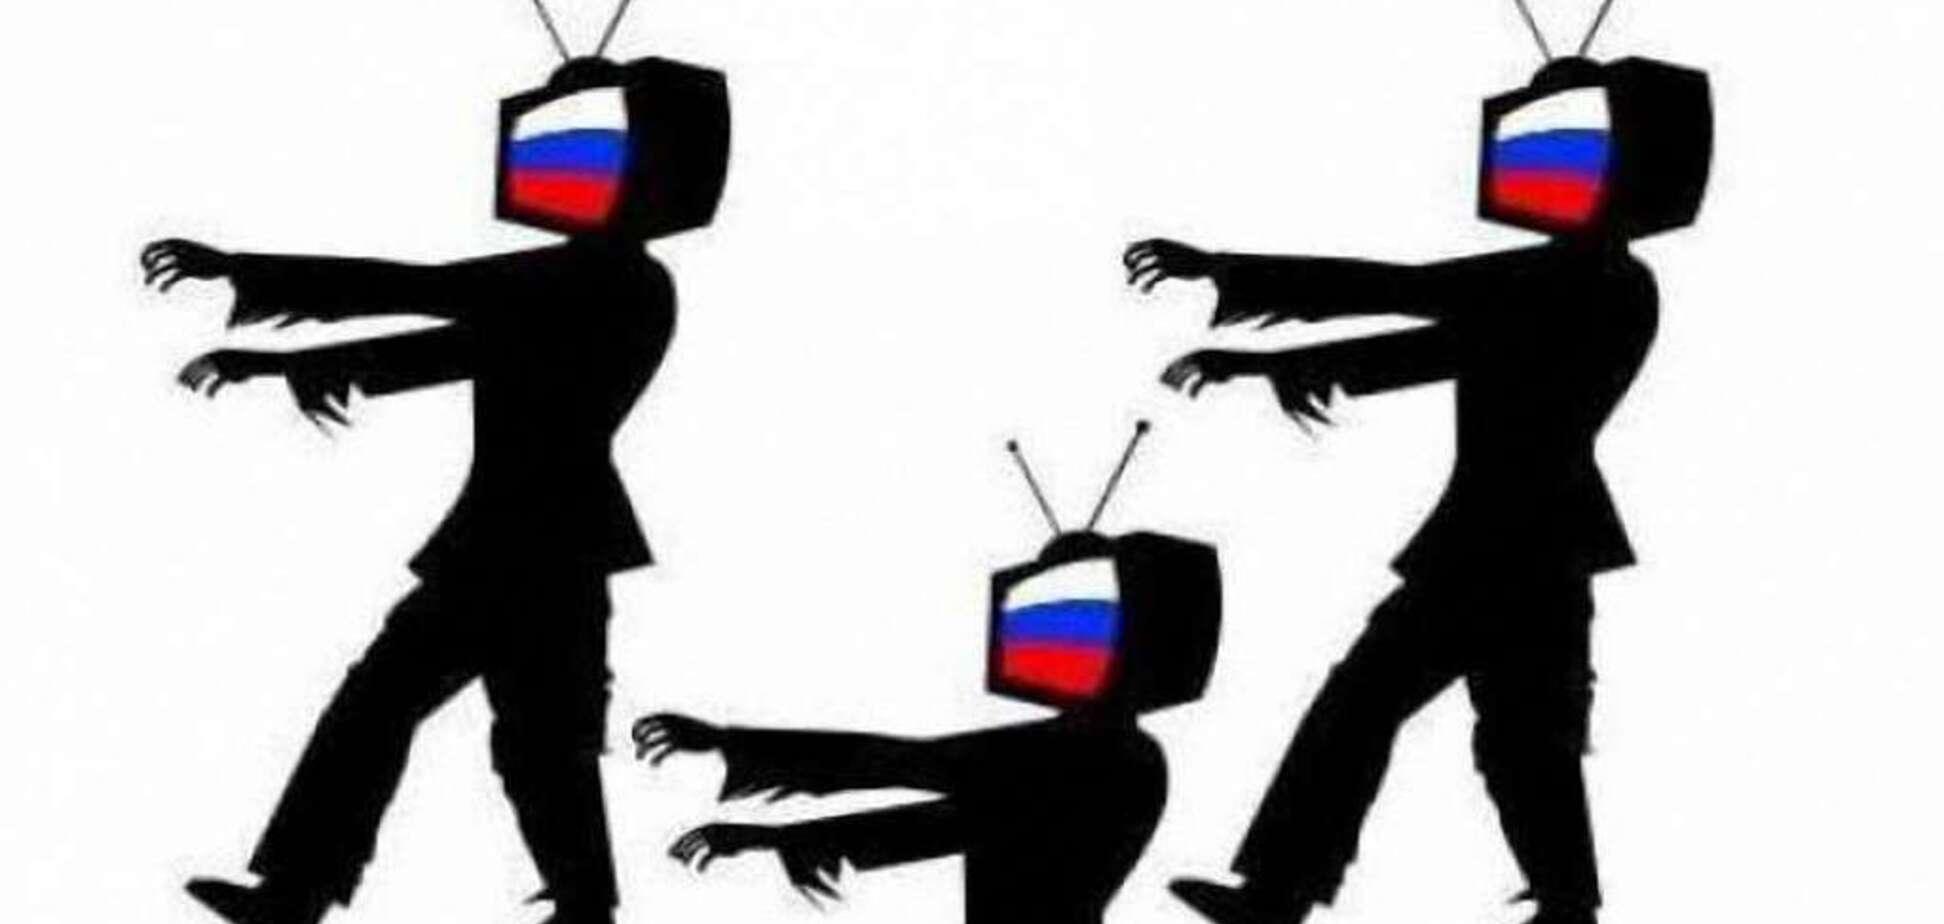 Порєбрік News: у Росії зганьбилися з фейком про ''нациста'' Порошенка